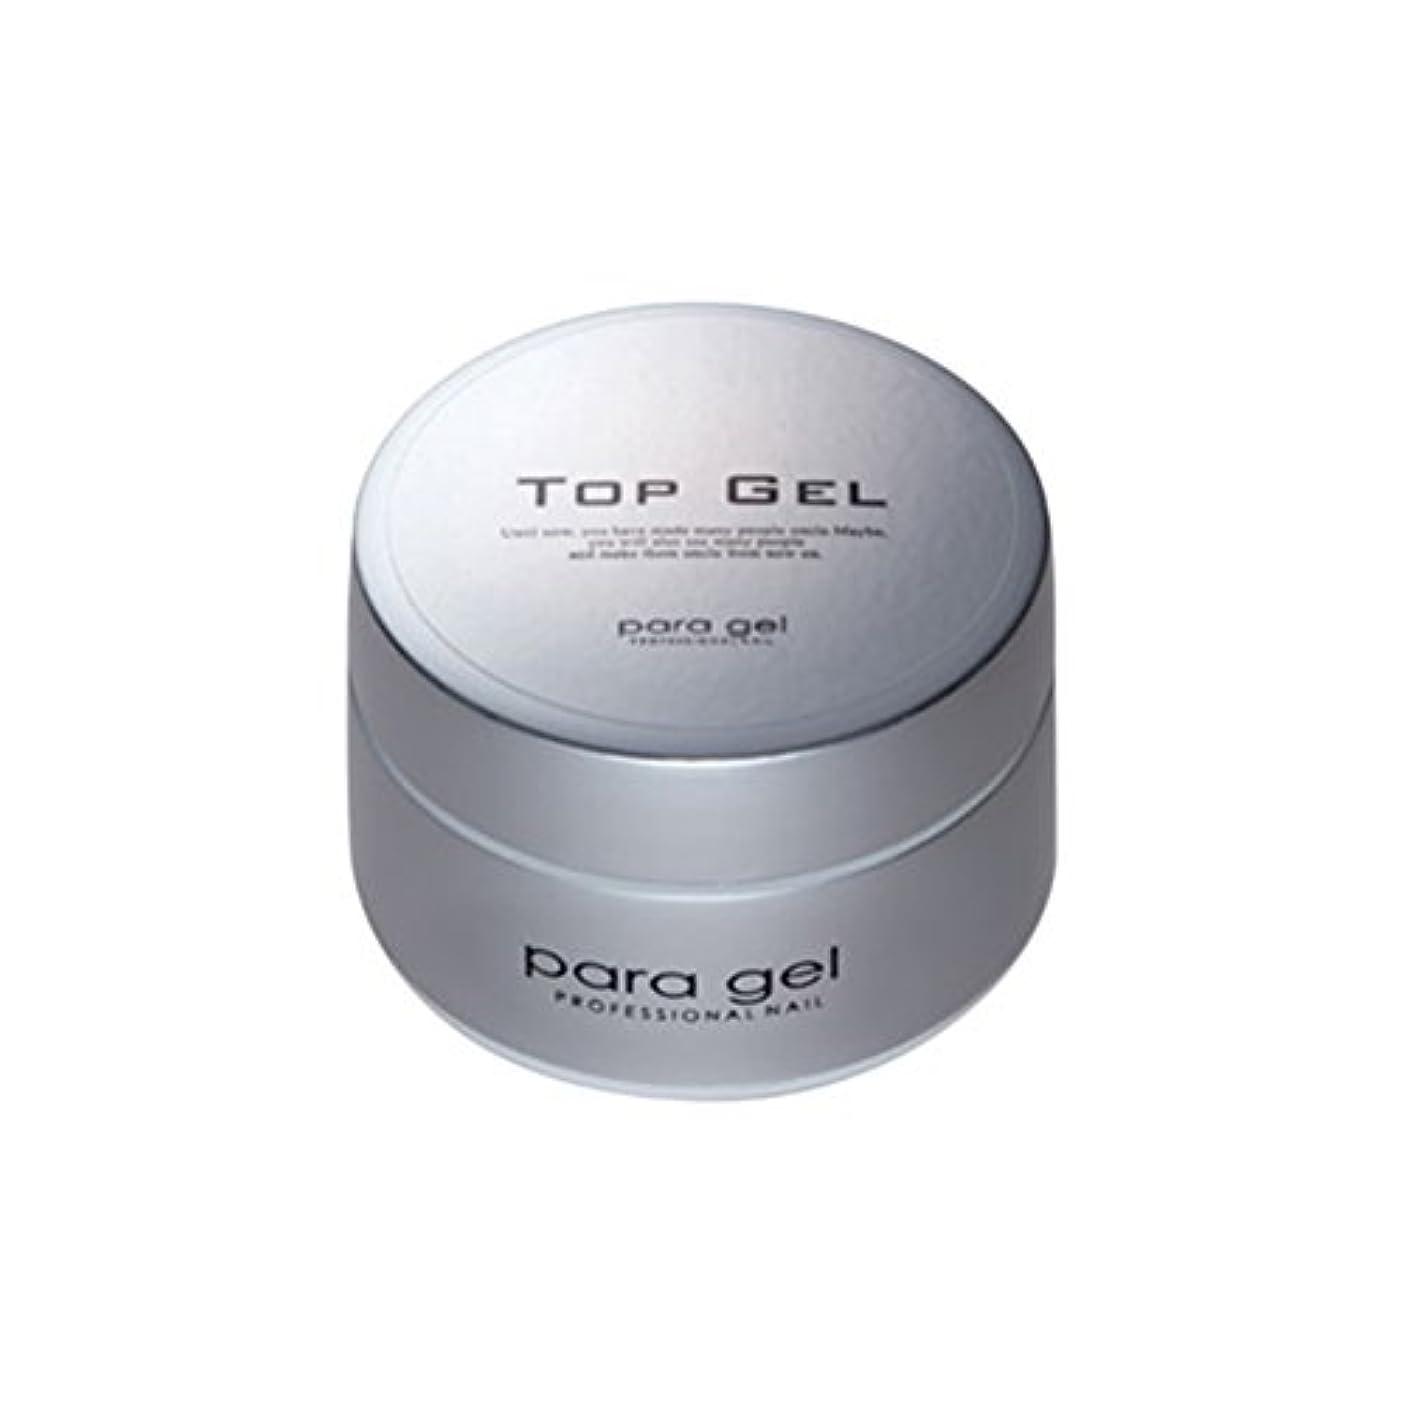 敵意憂慮すべきメキシコpara gel トップジェル 10g